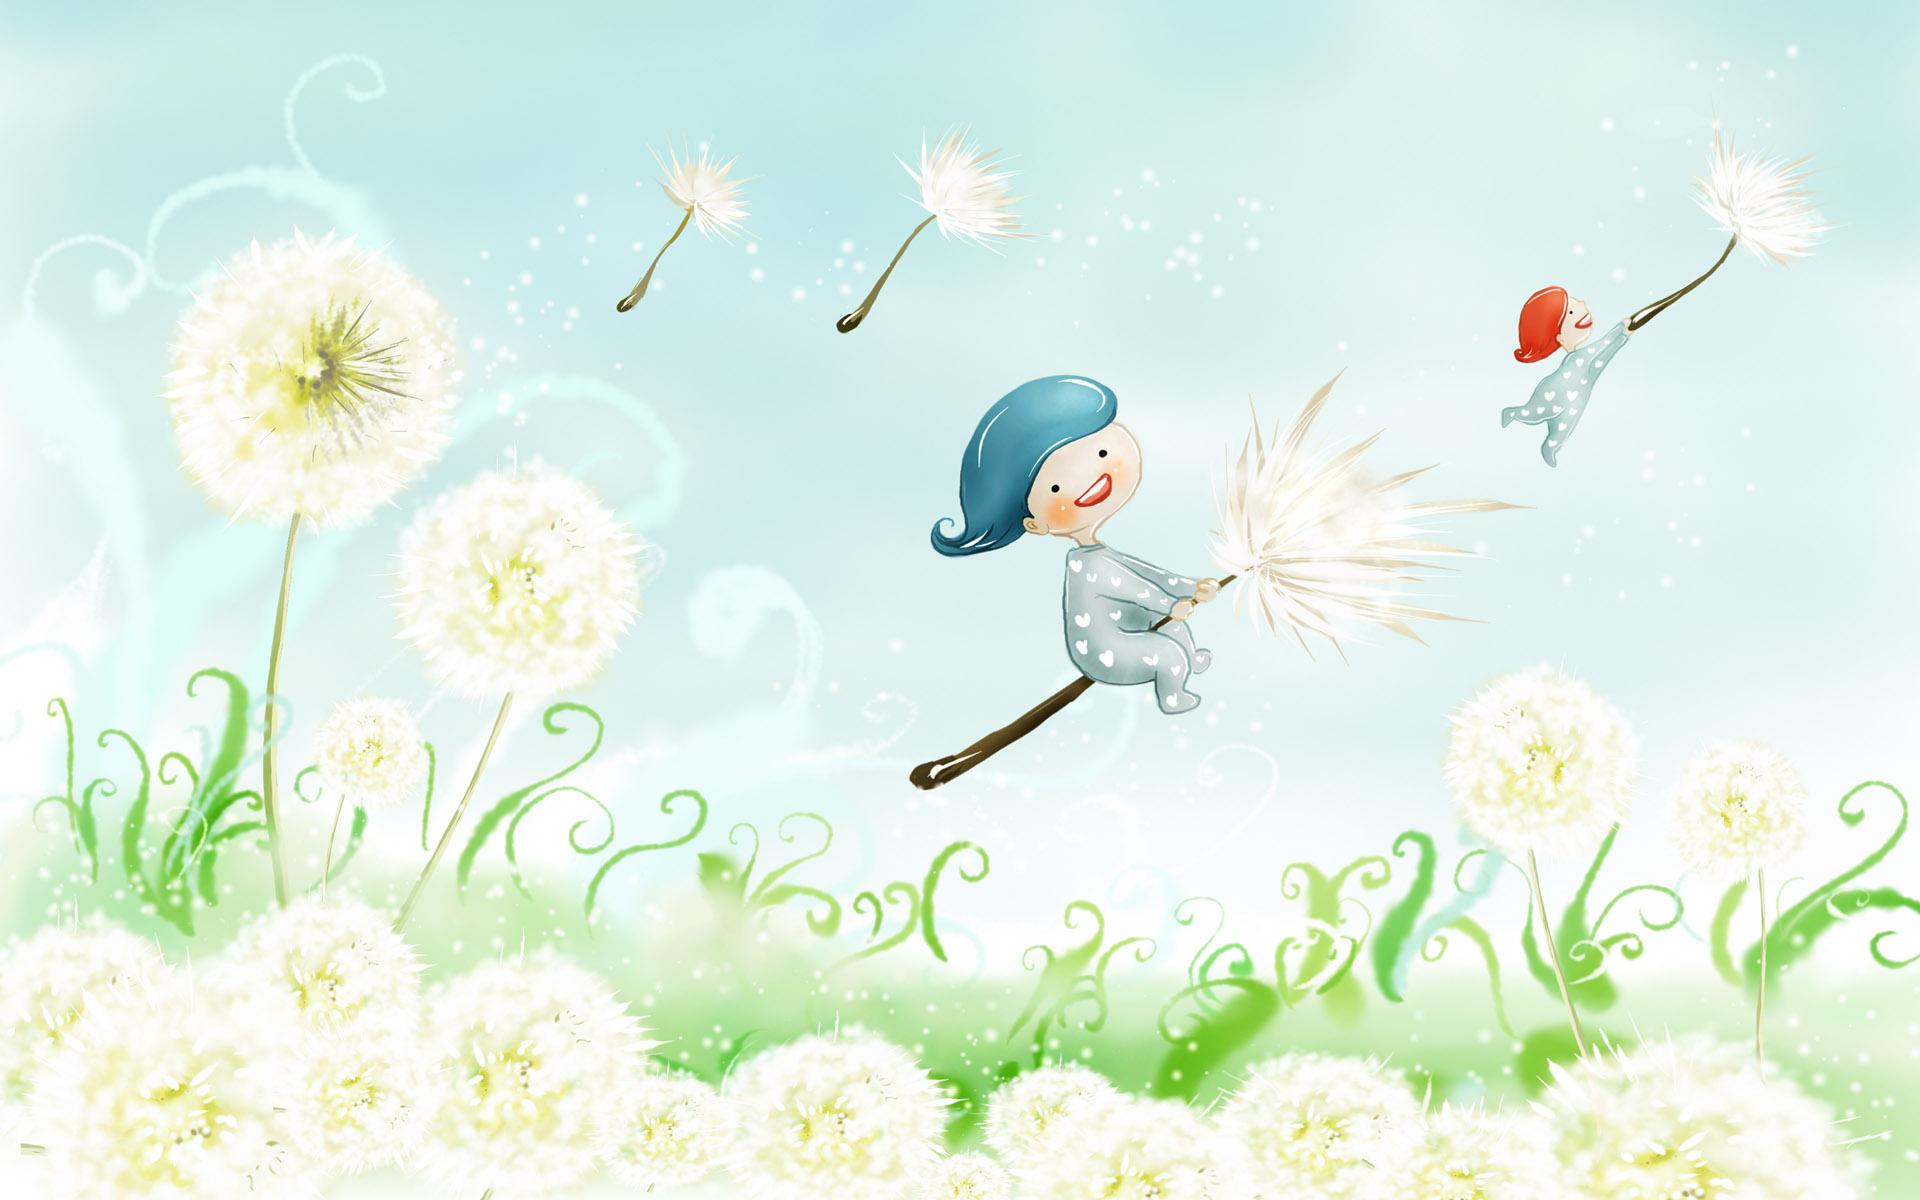 1200童话夏天 精美夏天风景插画 夏天风景壁纸 精美夏天插画 卡通夏天图片壁纸,卡通四季风景 童话夏天壁纸图片